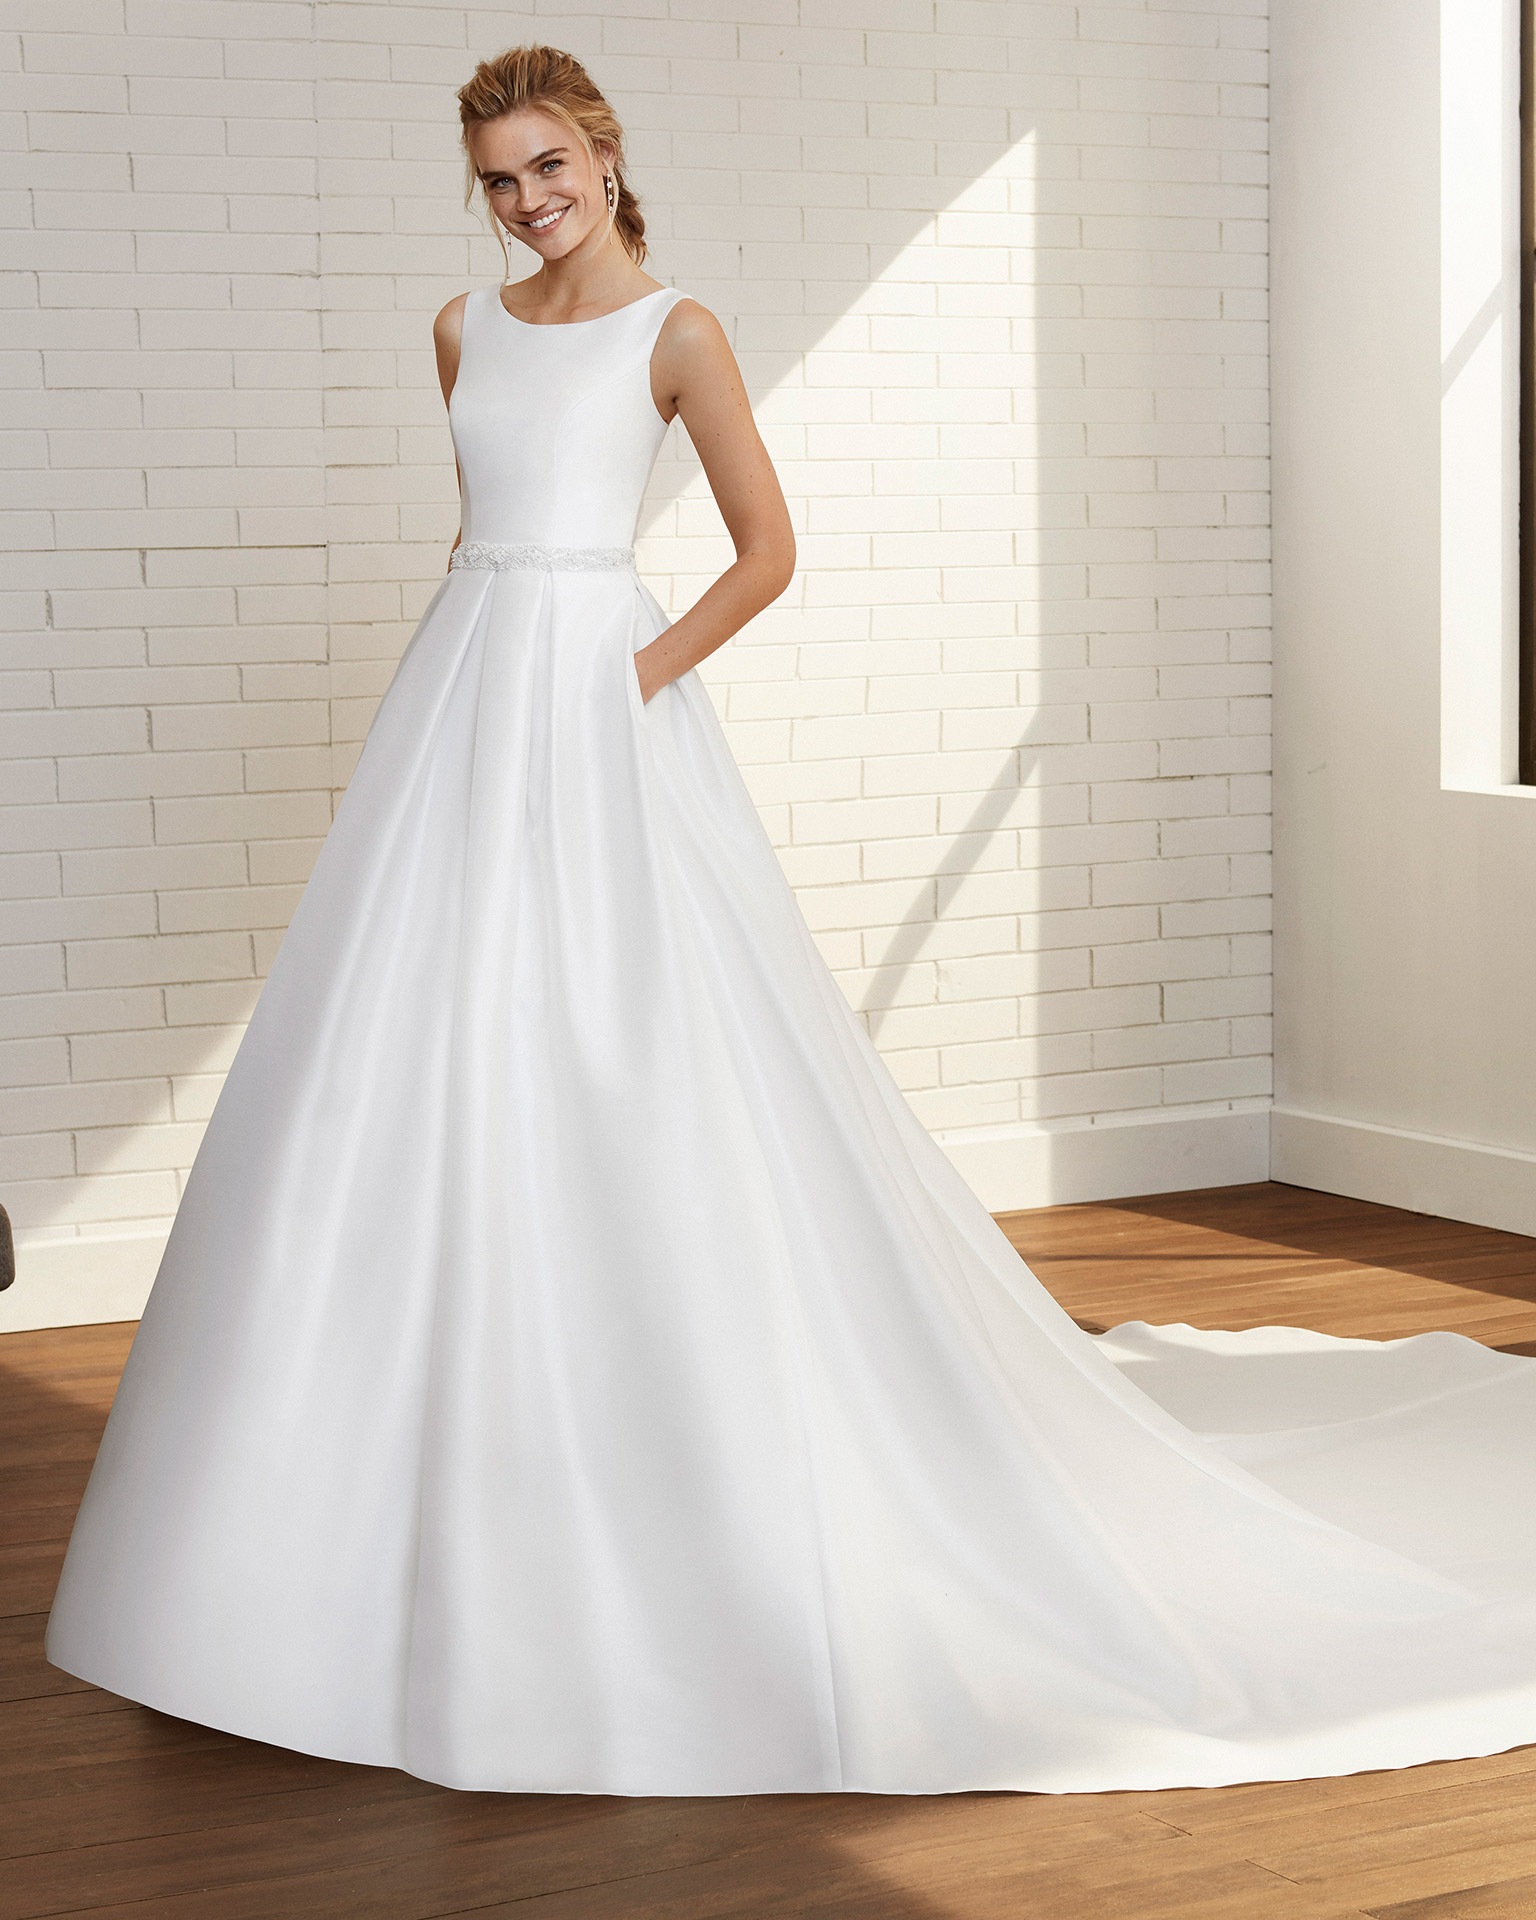 Vestido de novia estilo clásico de bari y pedrería, escote barco con espalda en V. Colección  2020.